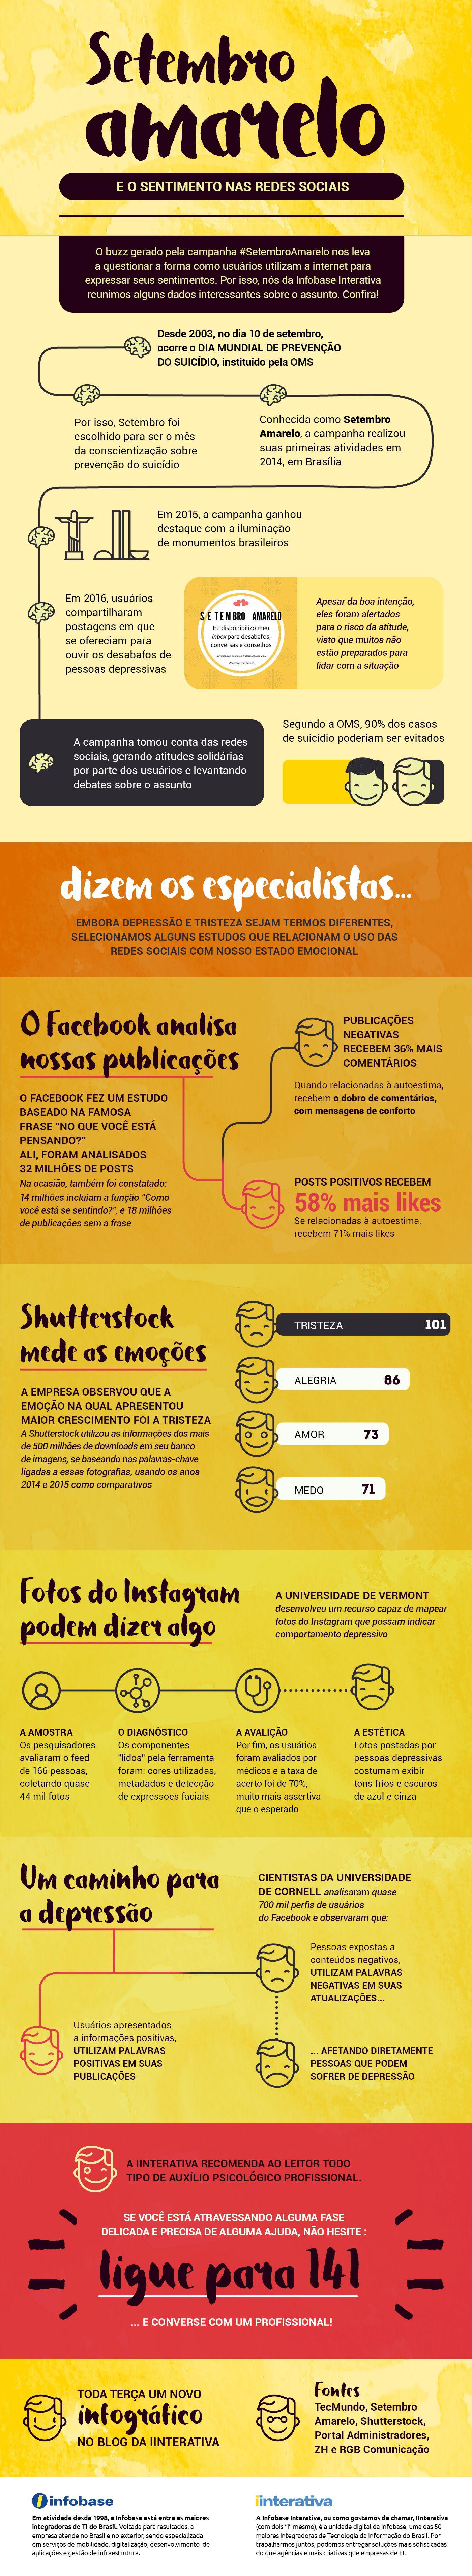 Infografico Setembro Amarelo E O Sentimento Nas Redes